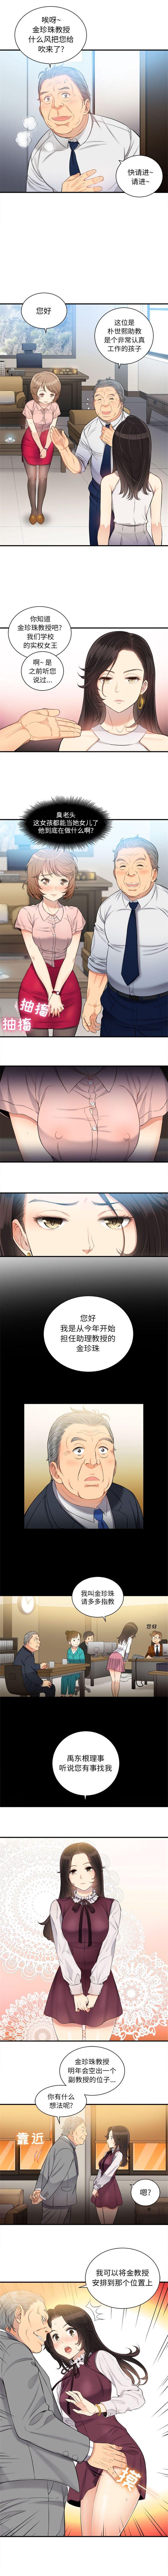 由莉的秘密1-60 中文翻译 (更新中) 74